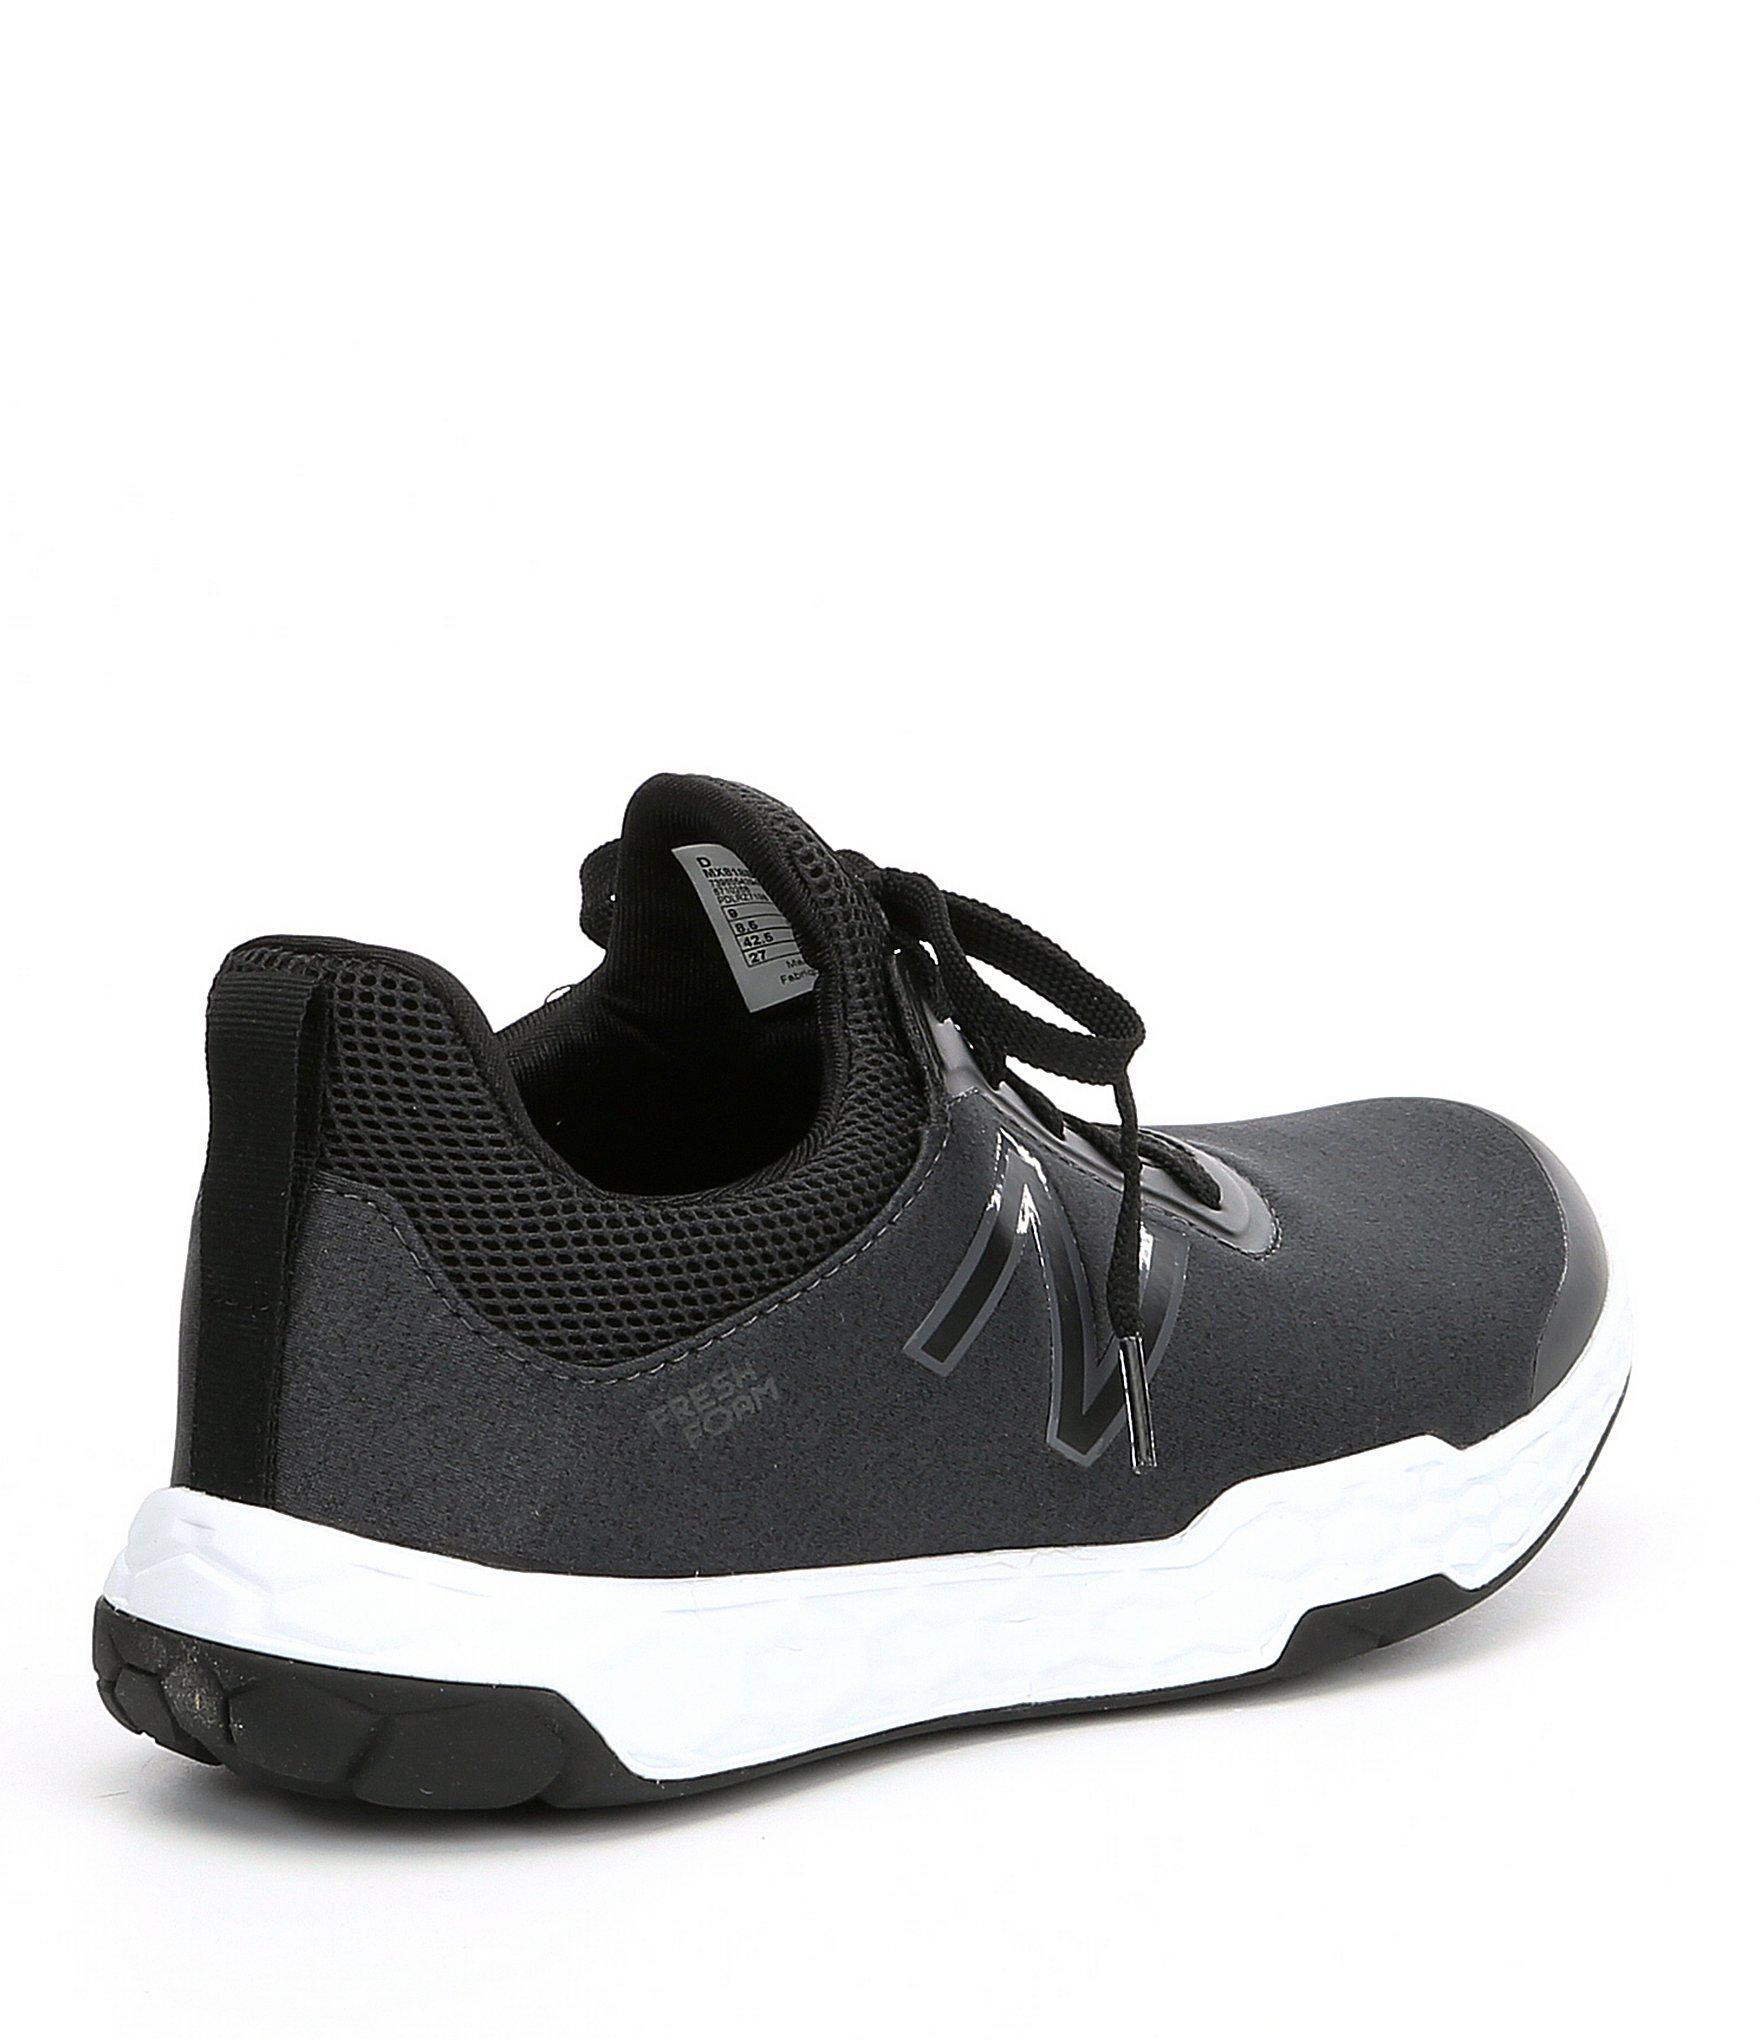 online retailer f7382 e2473 New Balance Men s 818 V3 Trainers in Black for Men - Lyst